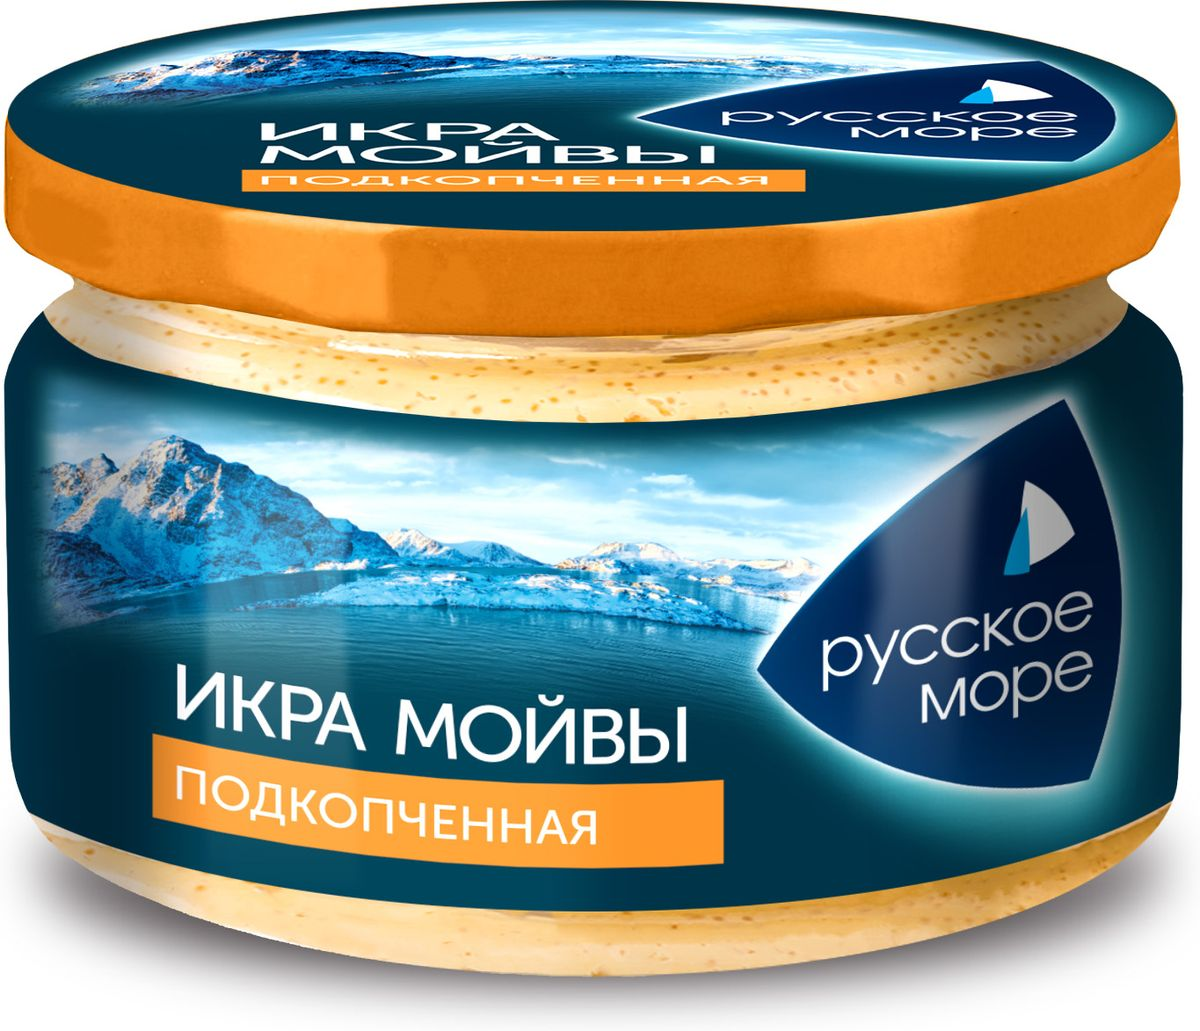 Русское Море Икра Мойвы в майонезном соусе, подкопченная, 165 г